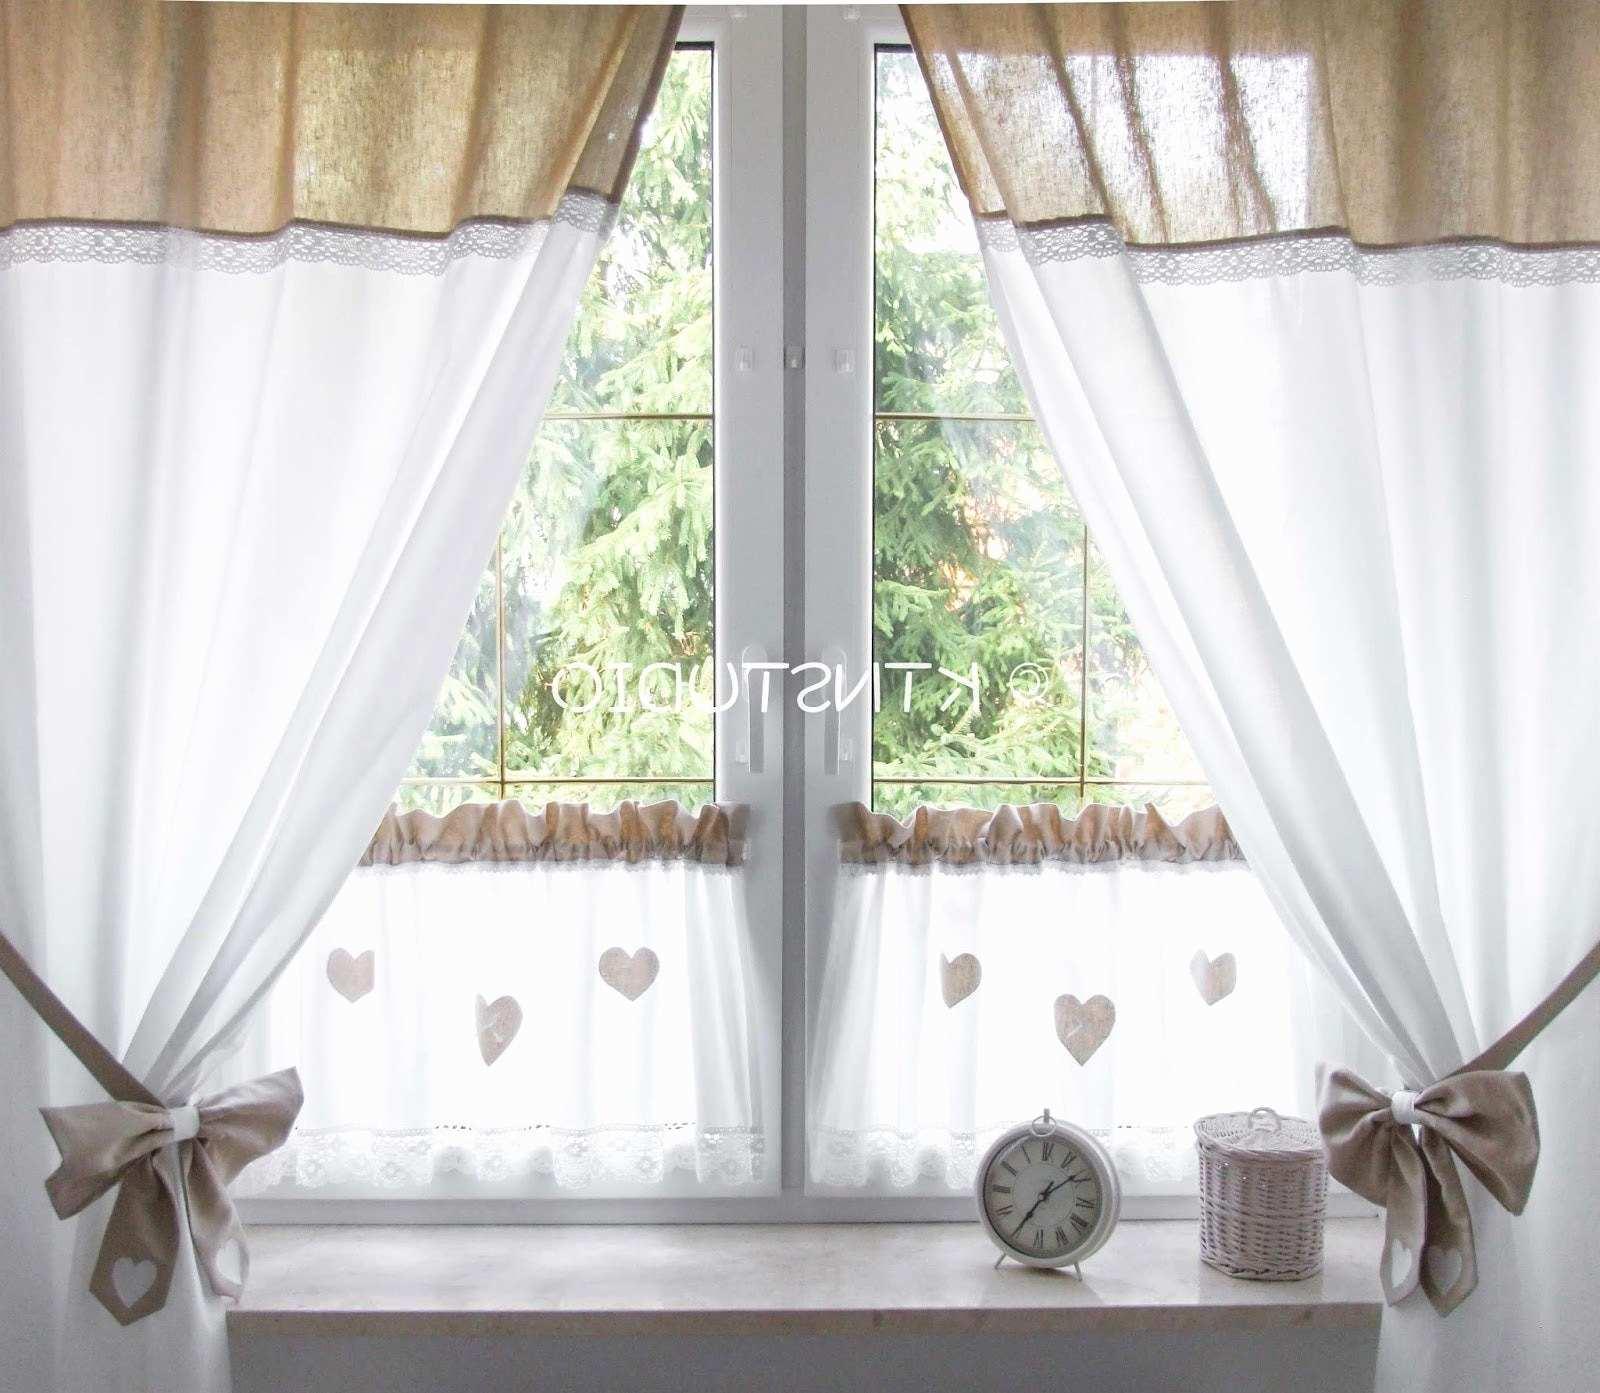 Full Size of Fenster Gardinen Scheibengardinen Küche Für Schlafzimmer Wohnzimmer Die Küchen Regal Wohnzimmer Küchen Gardinen